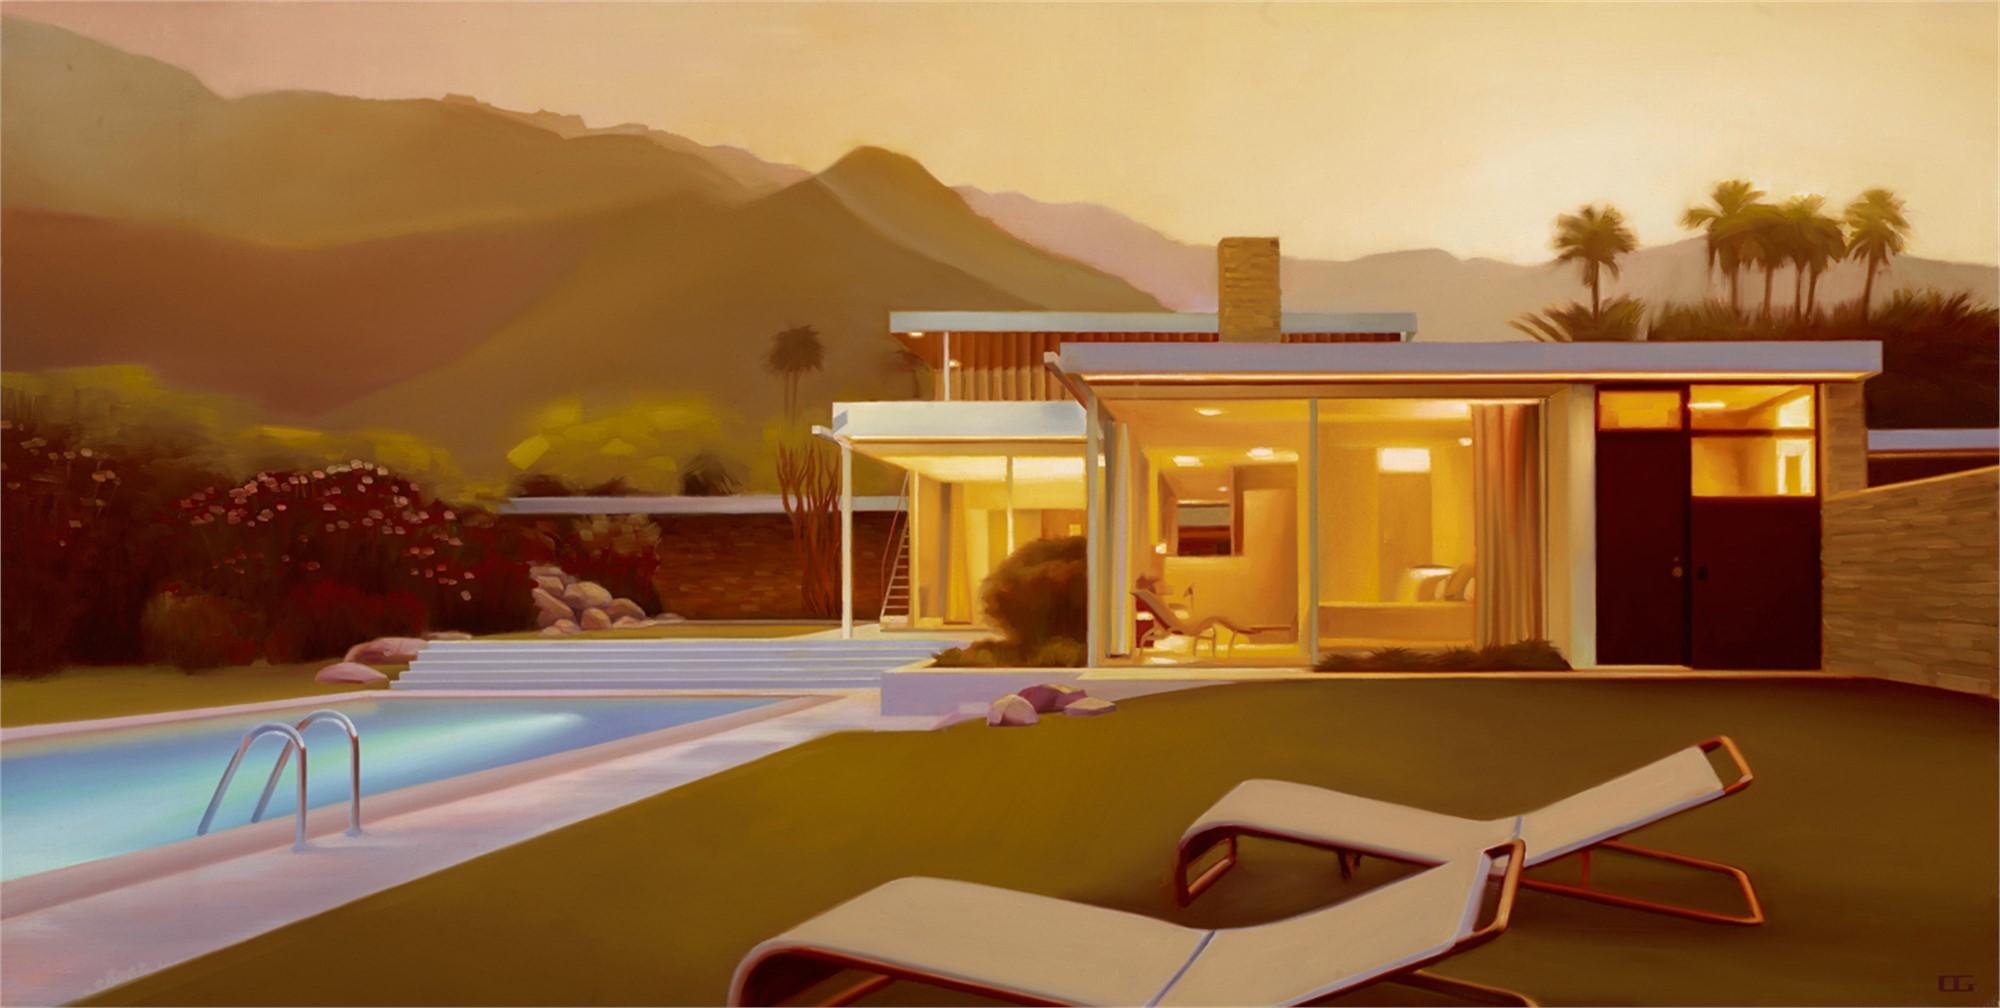 Kaufmann House (S/N) by Carrie Graber